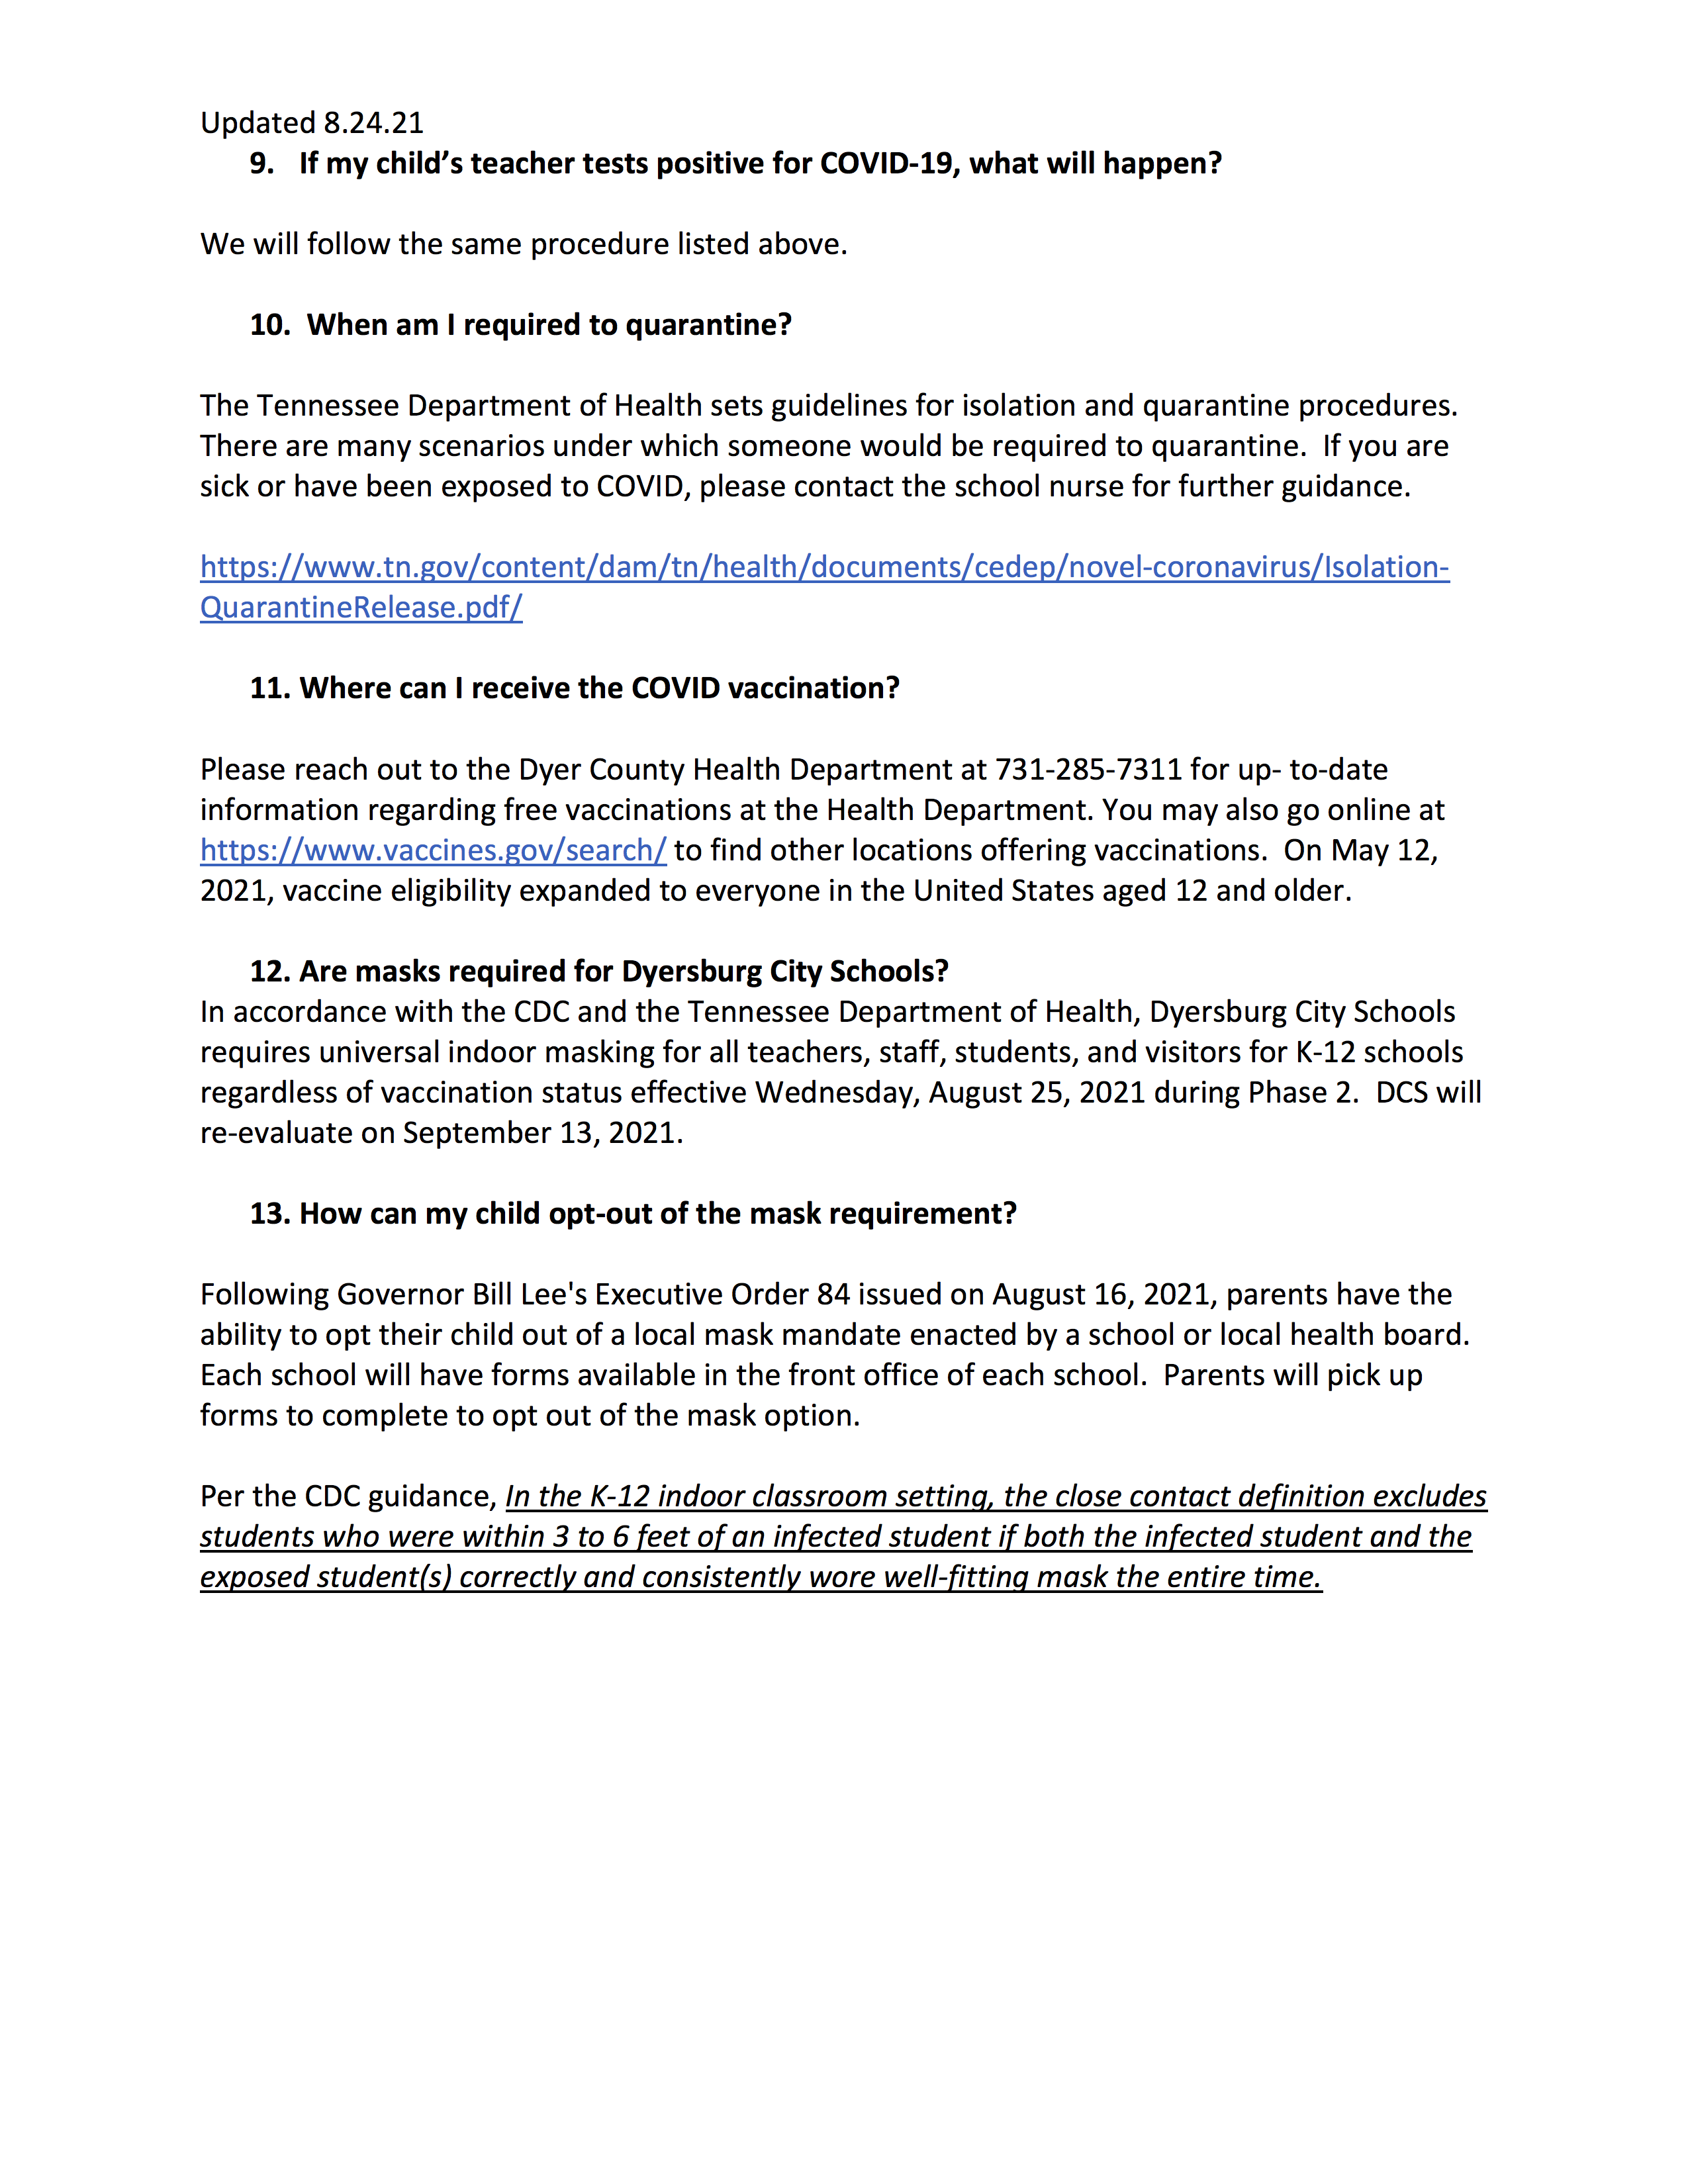 FAQ Page 3